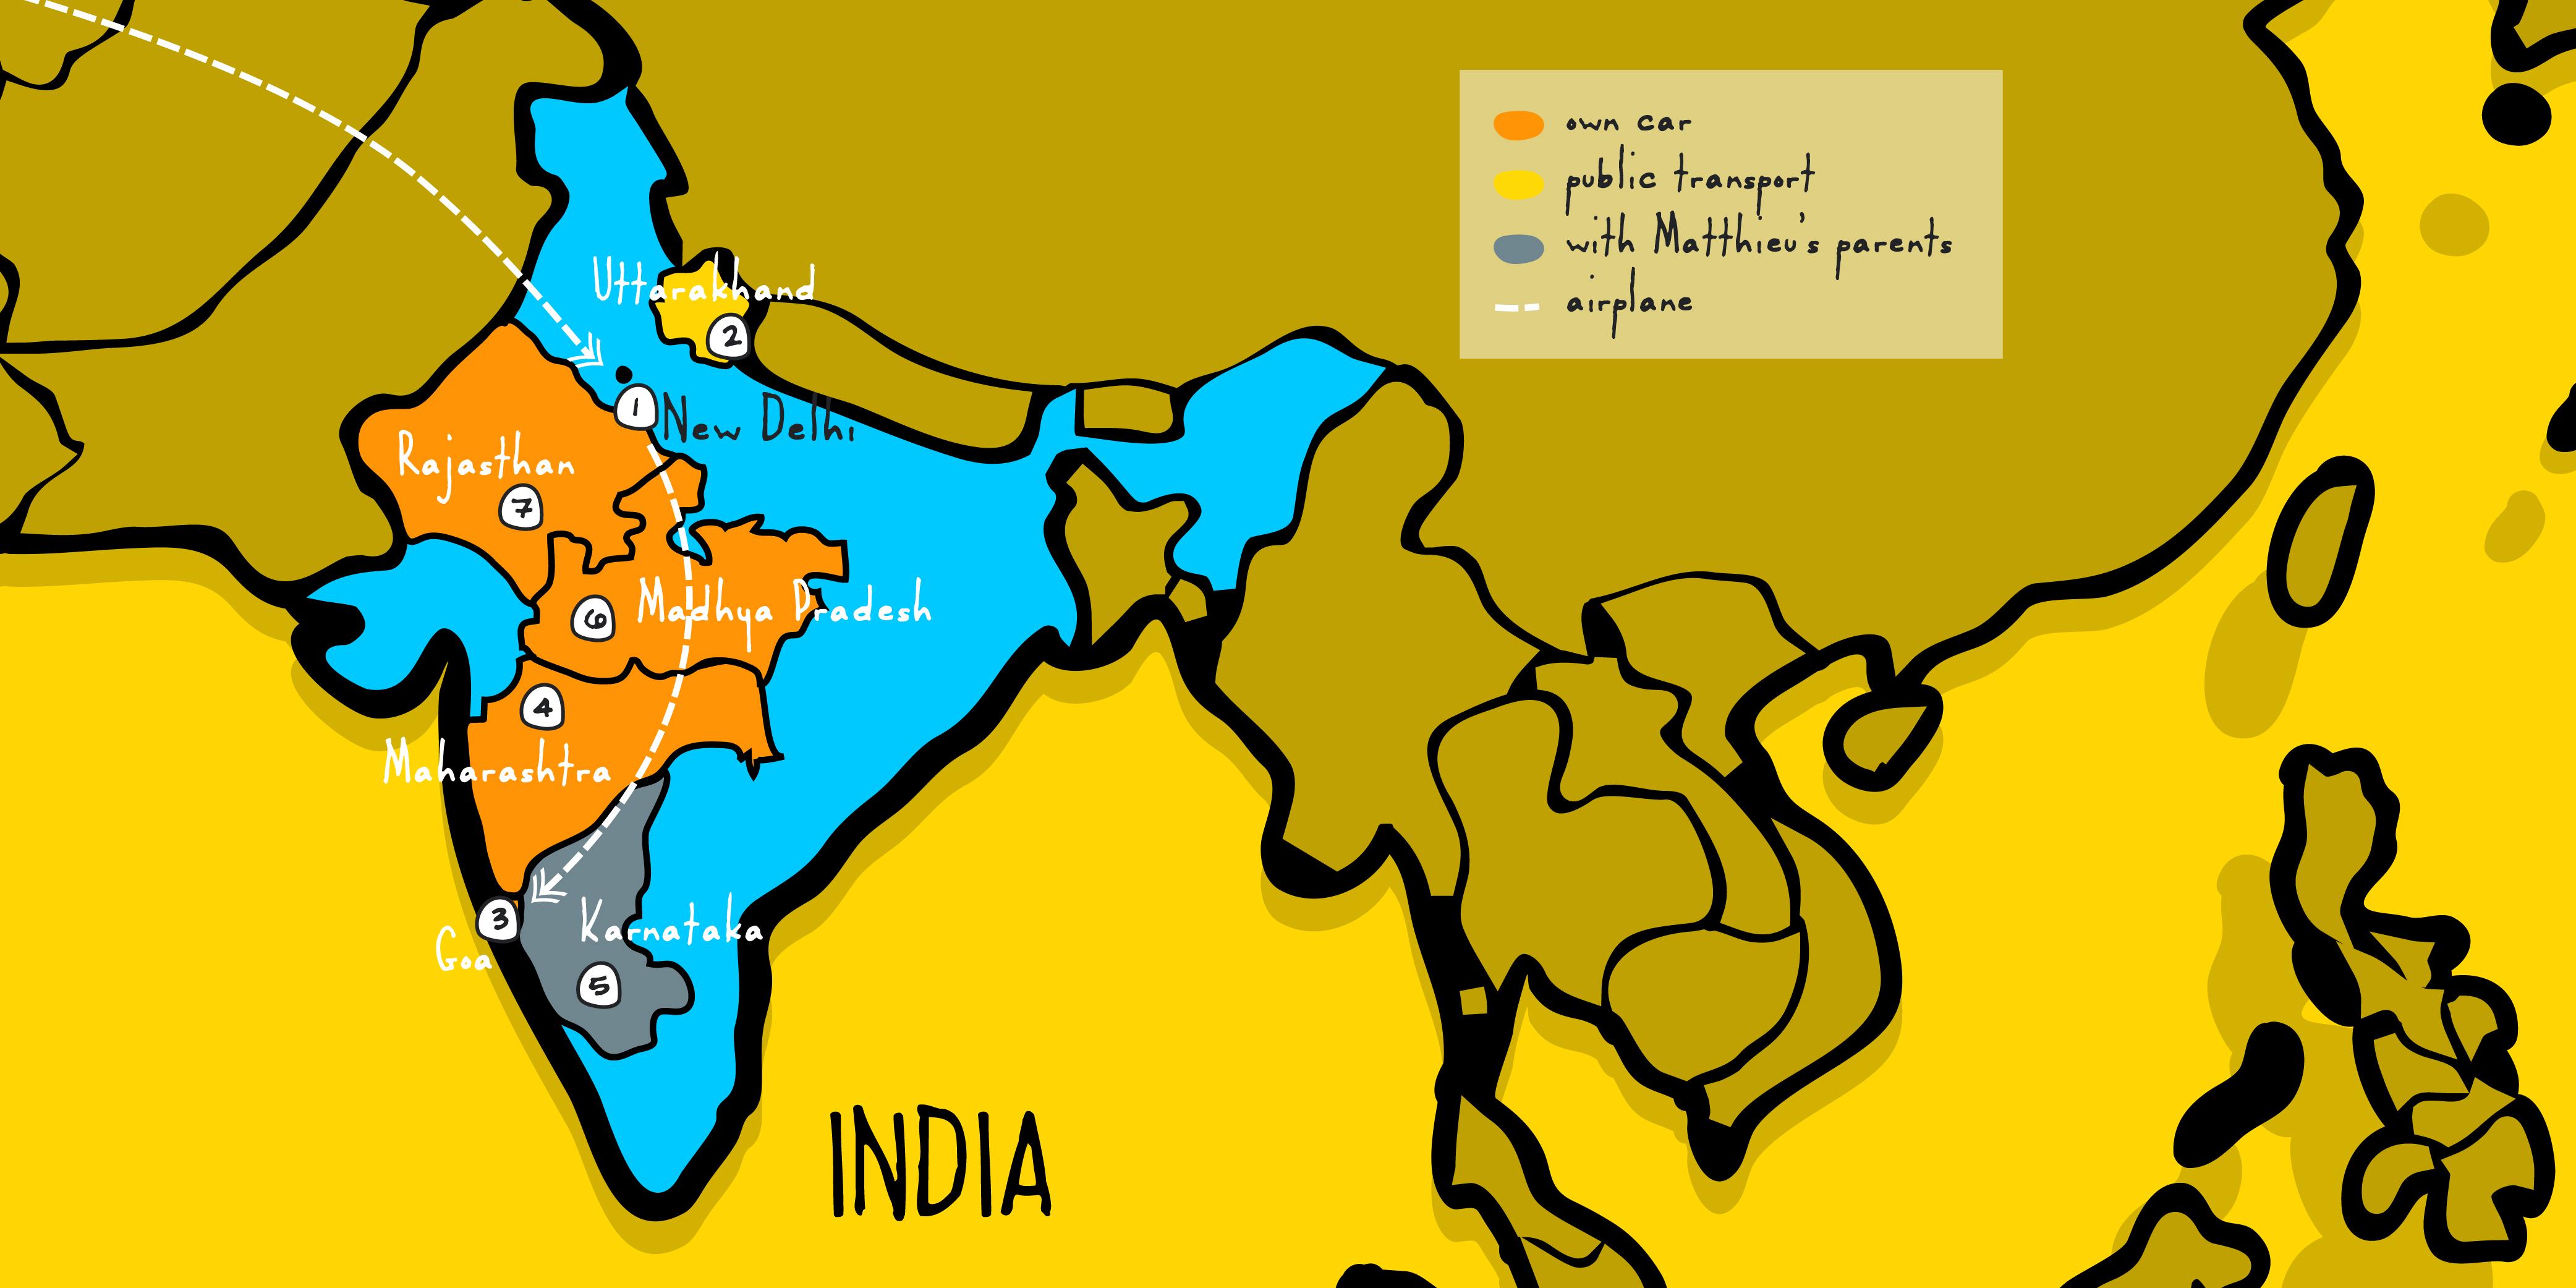 Back in India